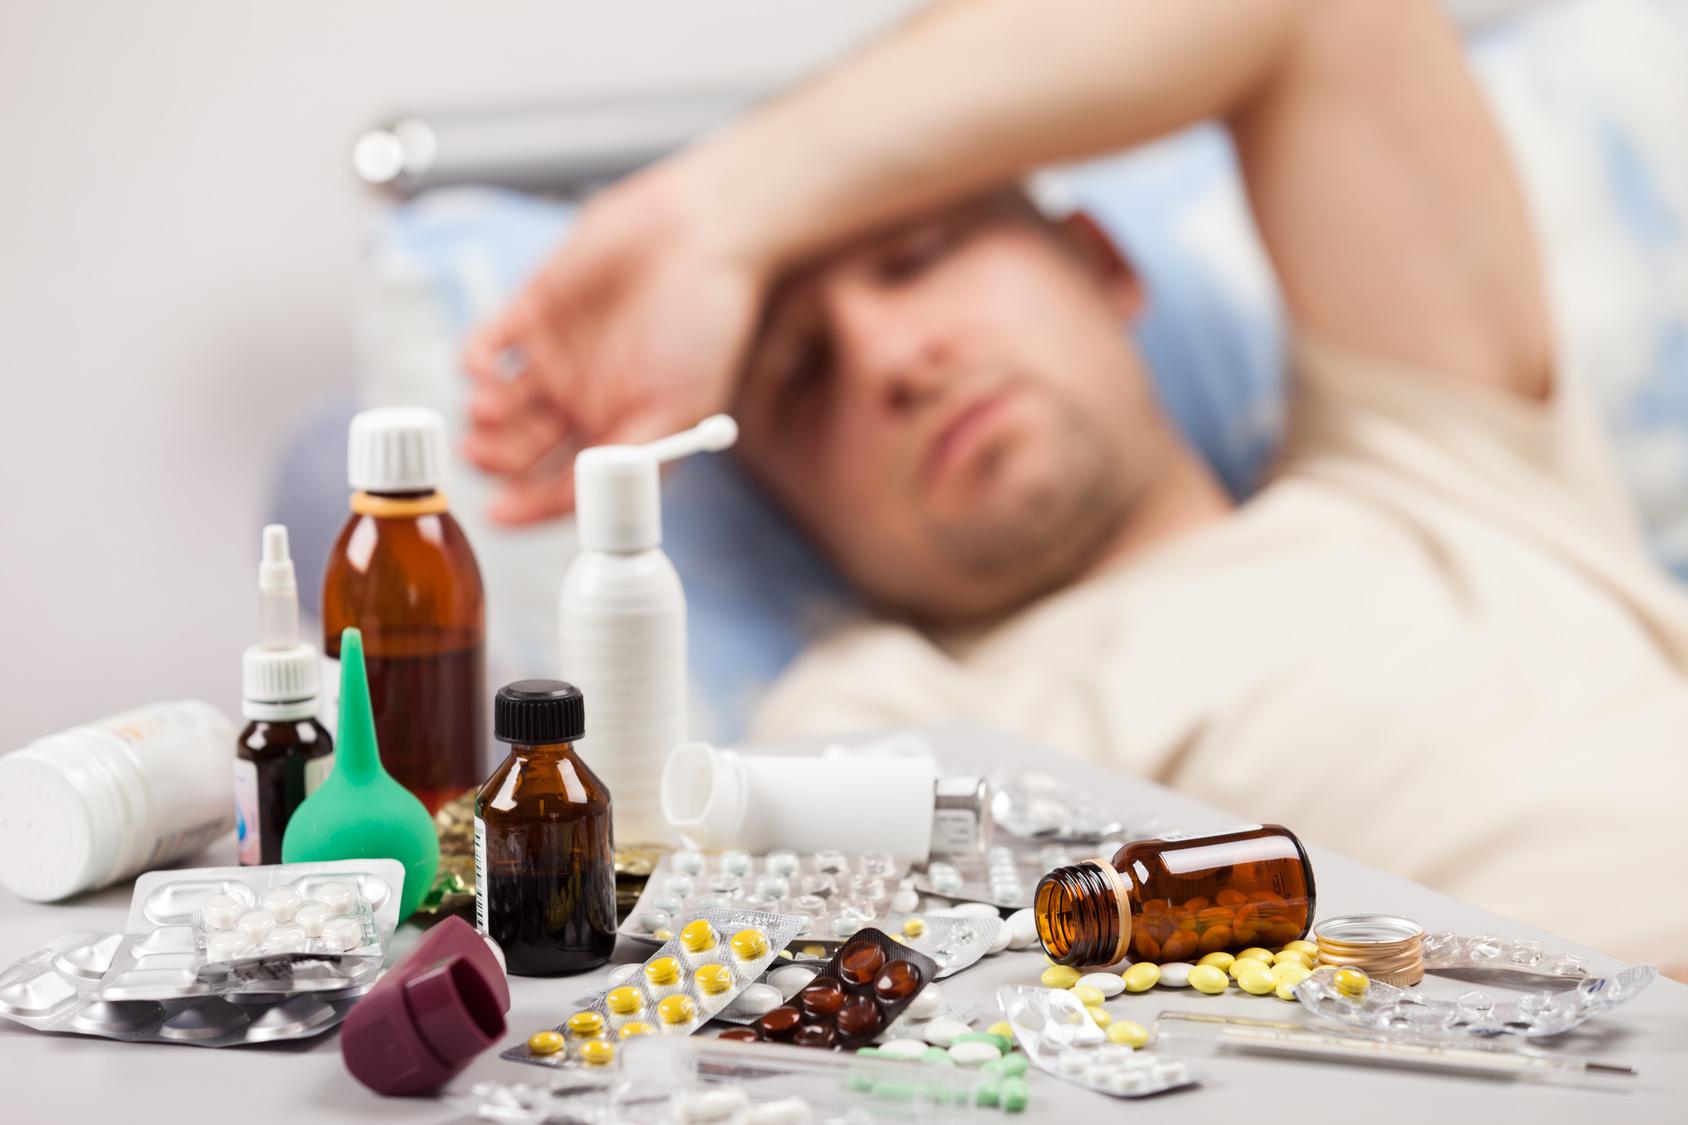 L'efficacité des antihistaminiques diminue-t-elle avec le temps?